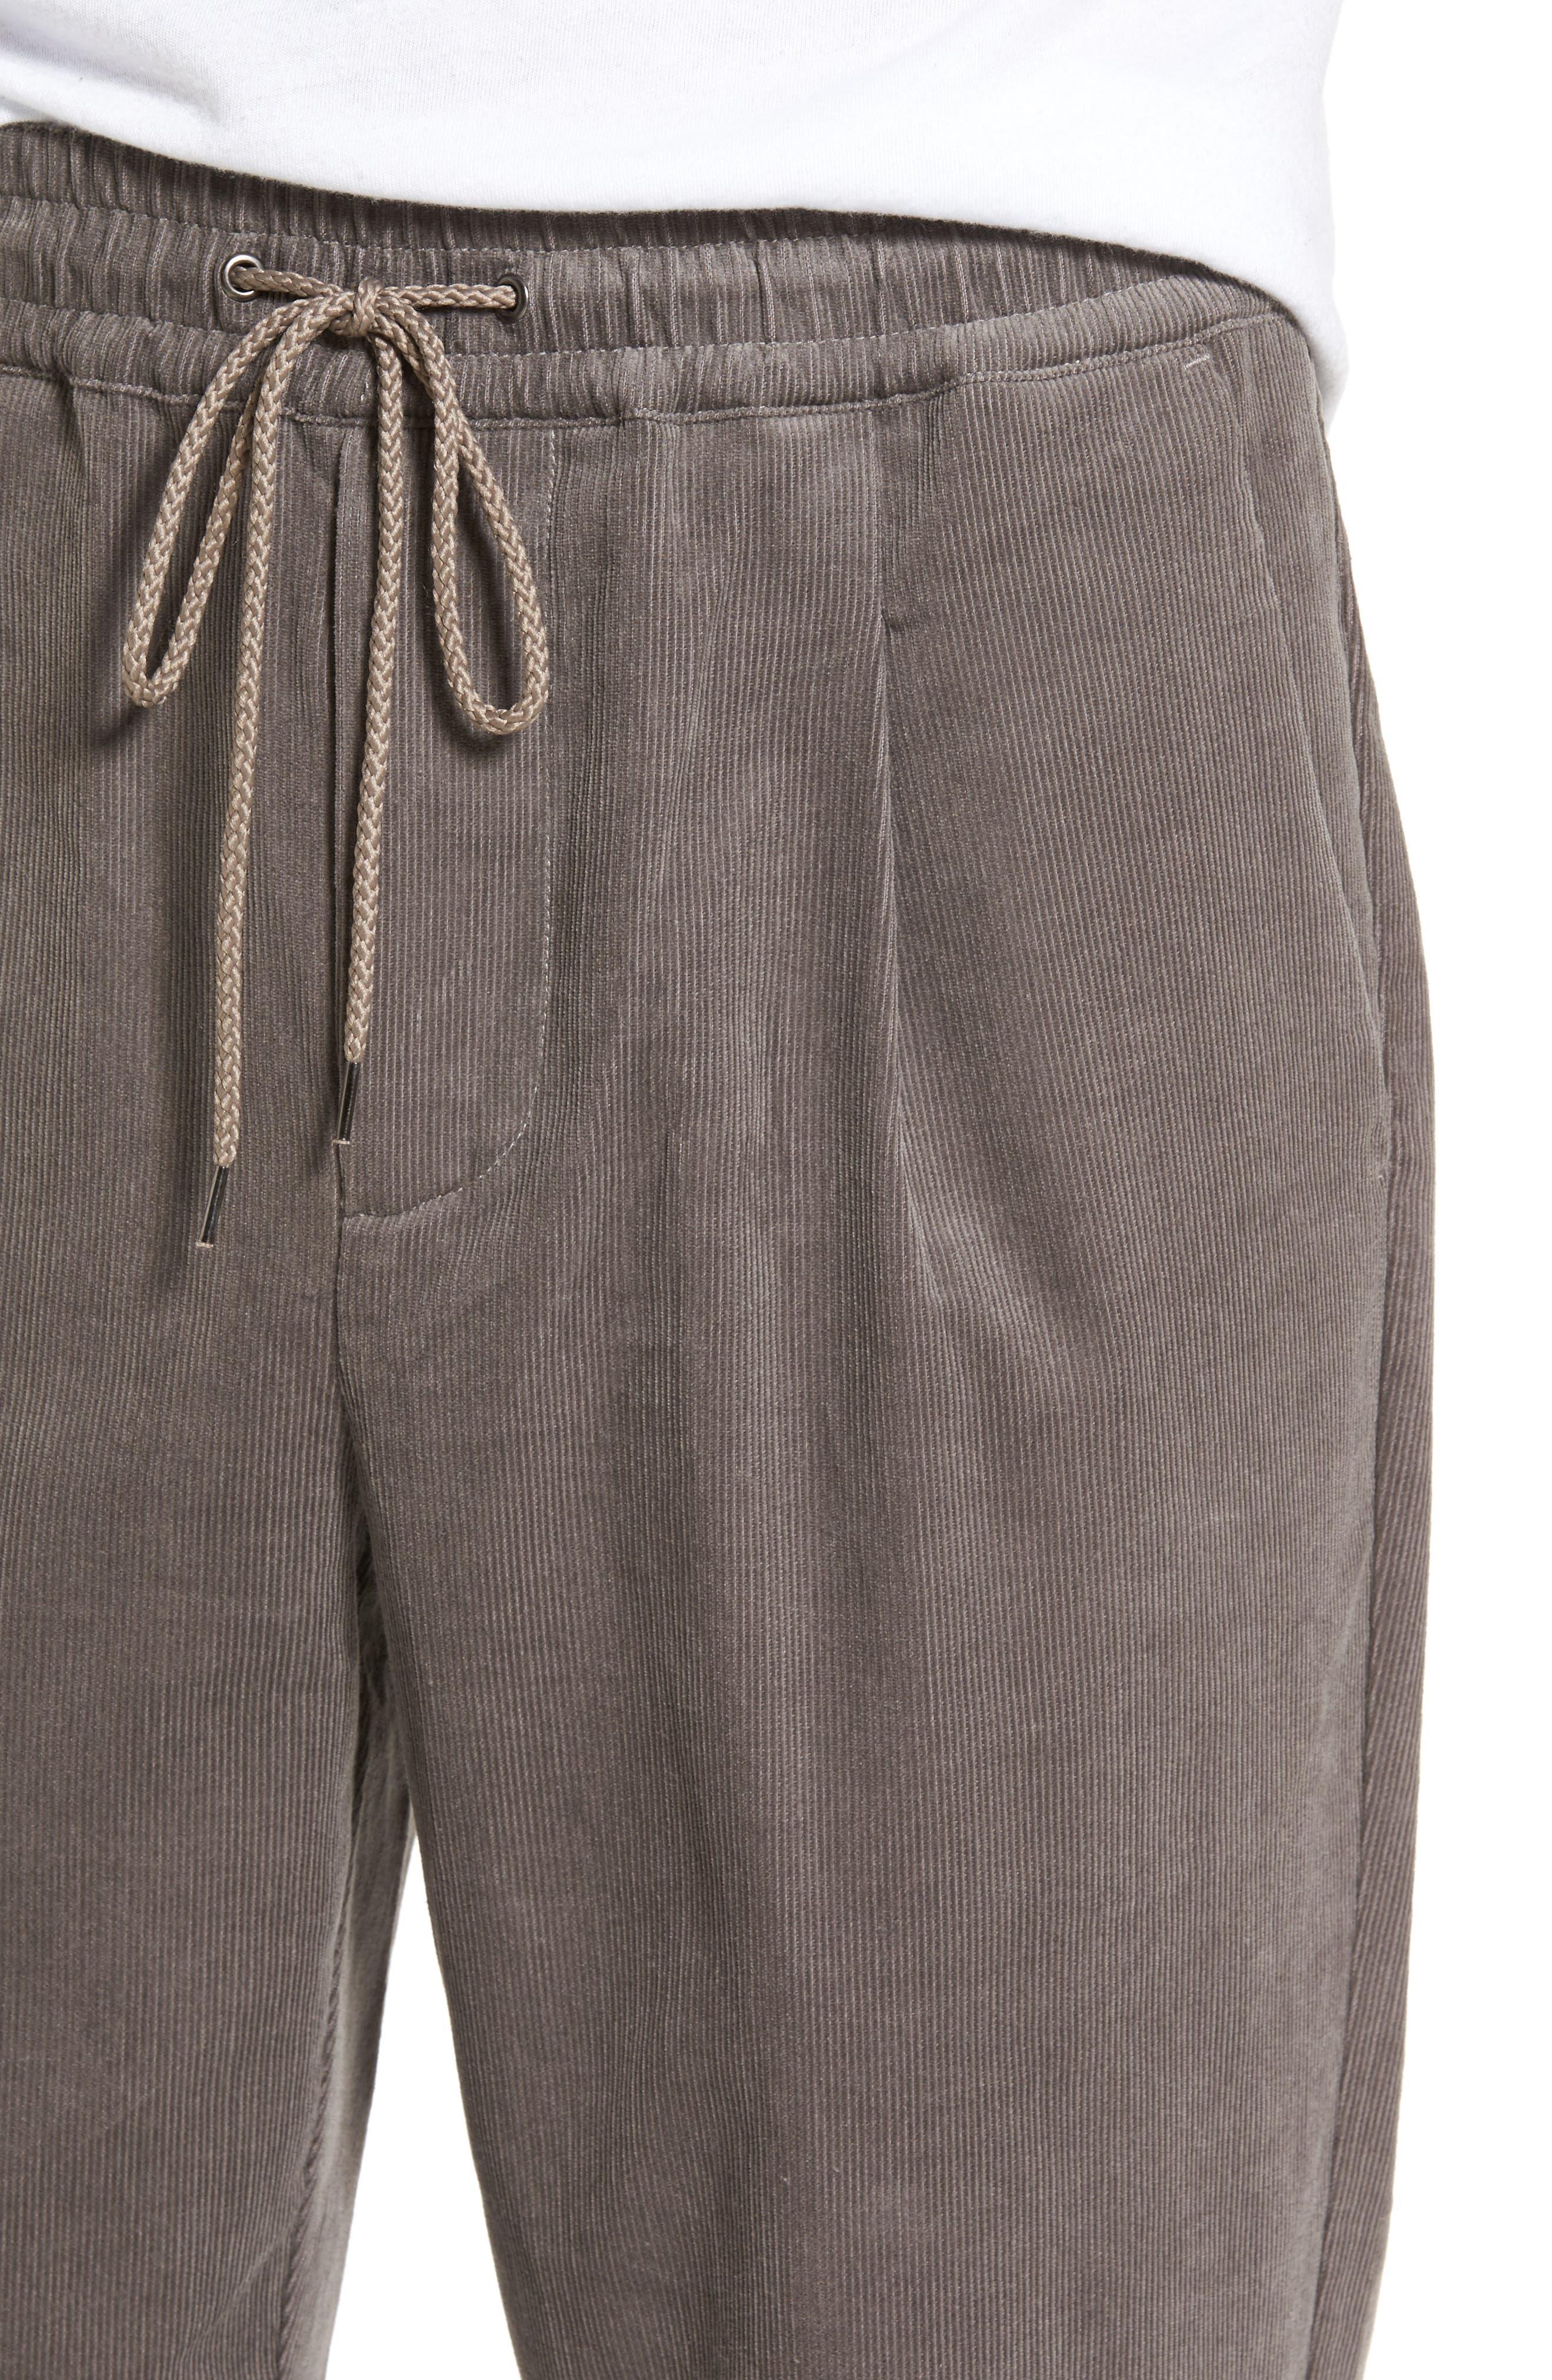 Astbury Crop Corduroy Pants,                             Alternate thumbnail 4, color,                             024